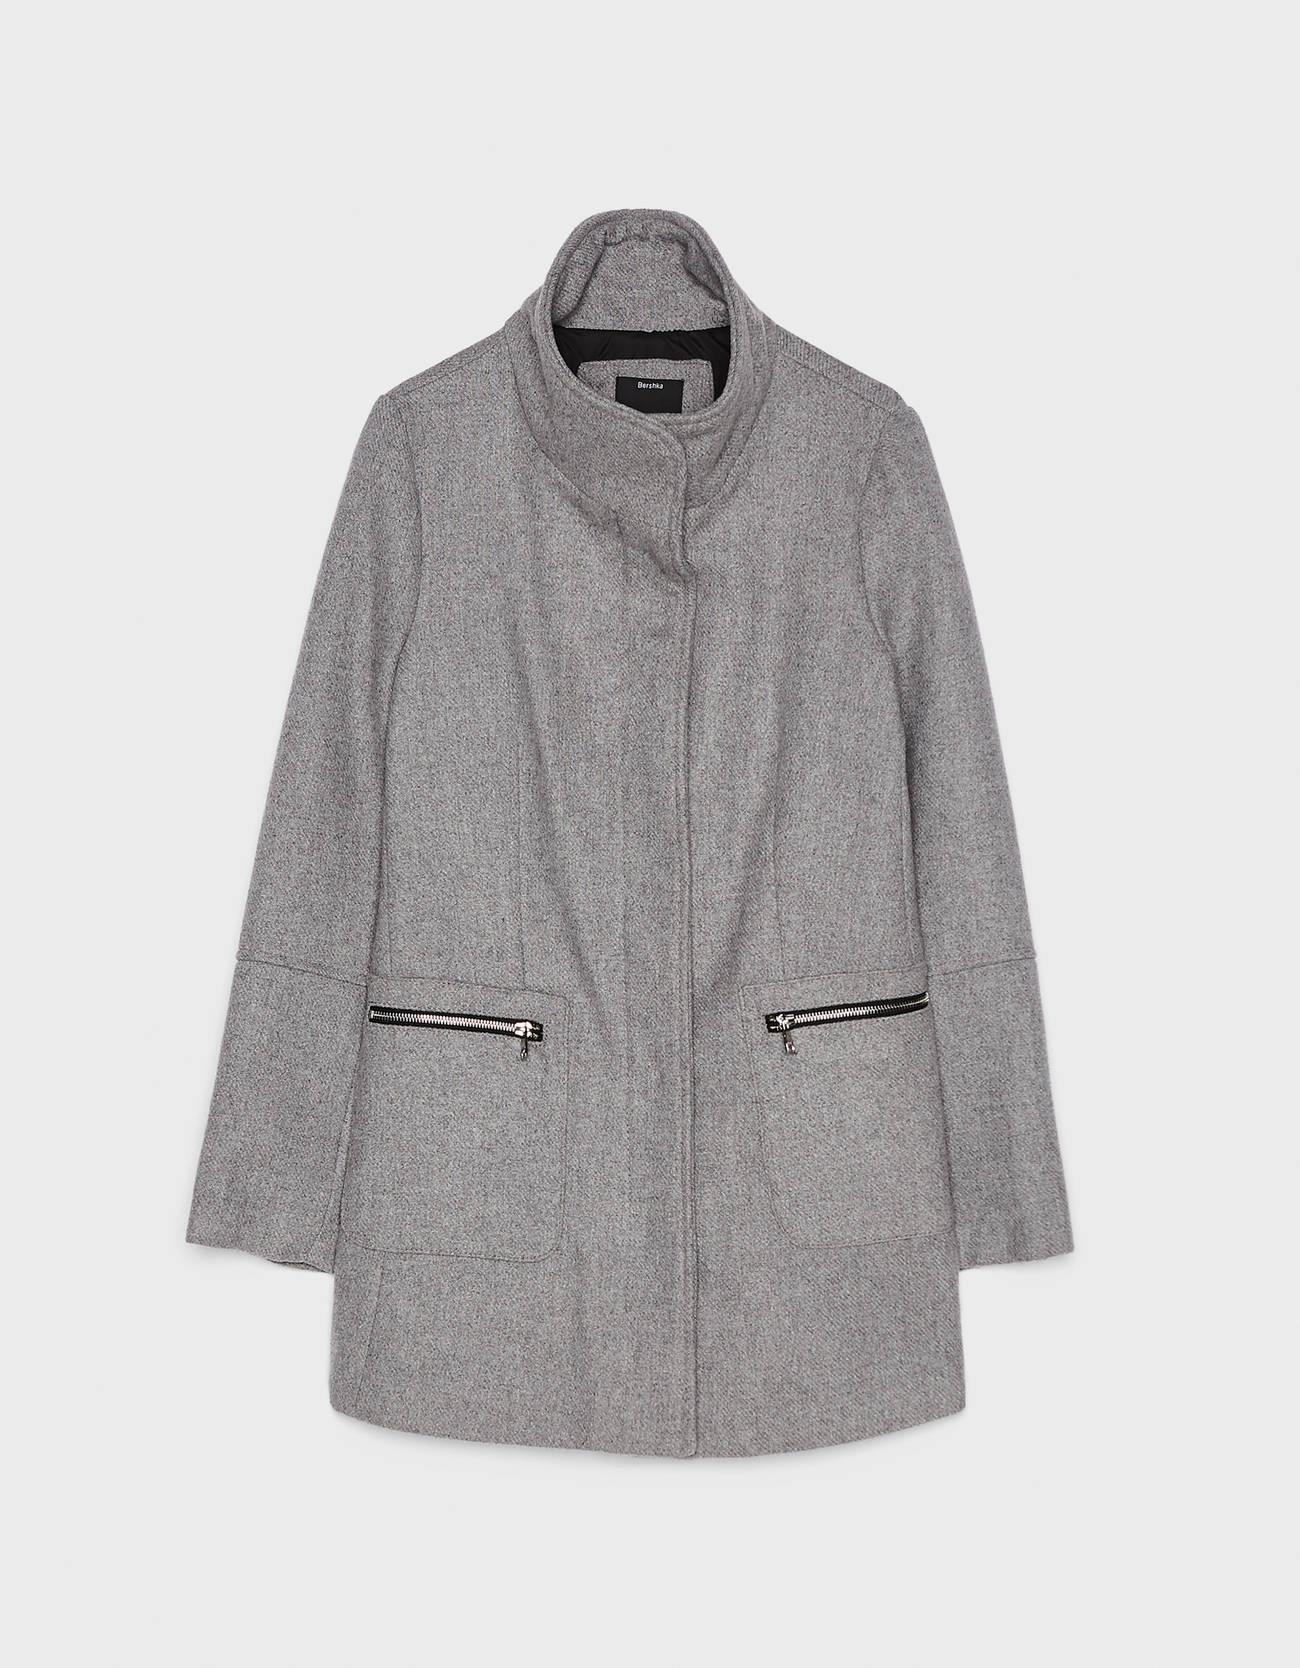 Пальто из сукна СЕРЫЙ Bershka